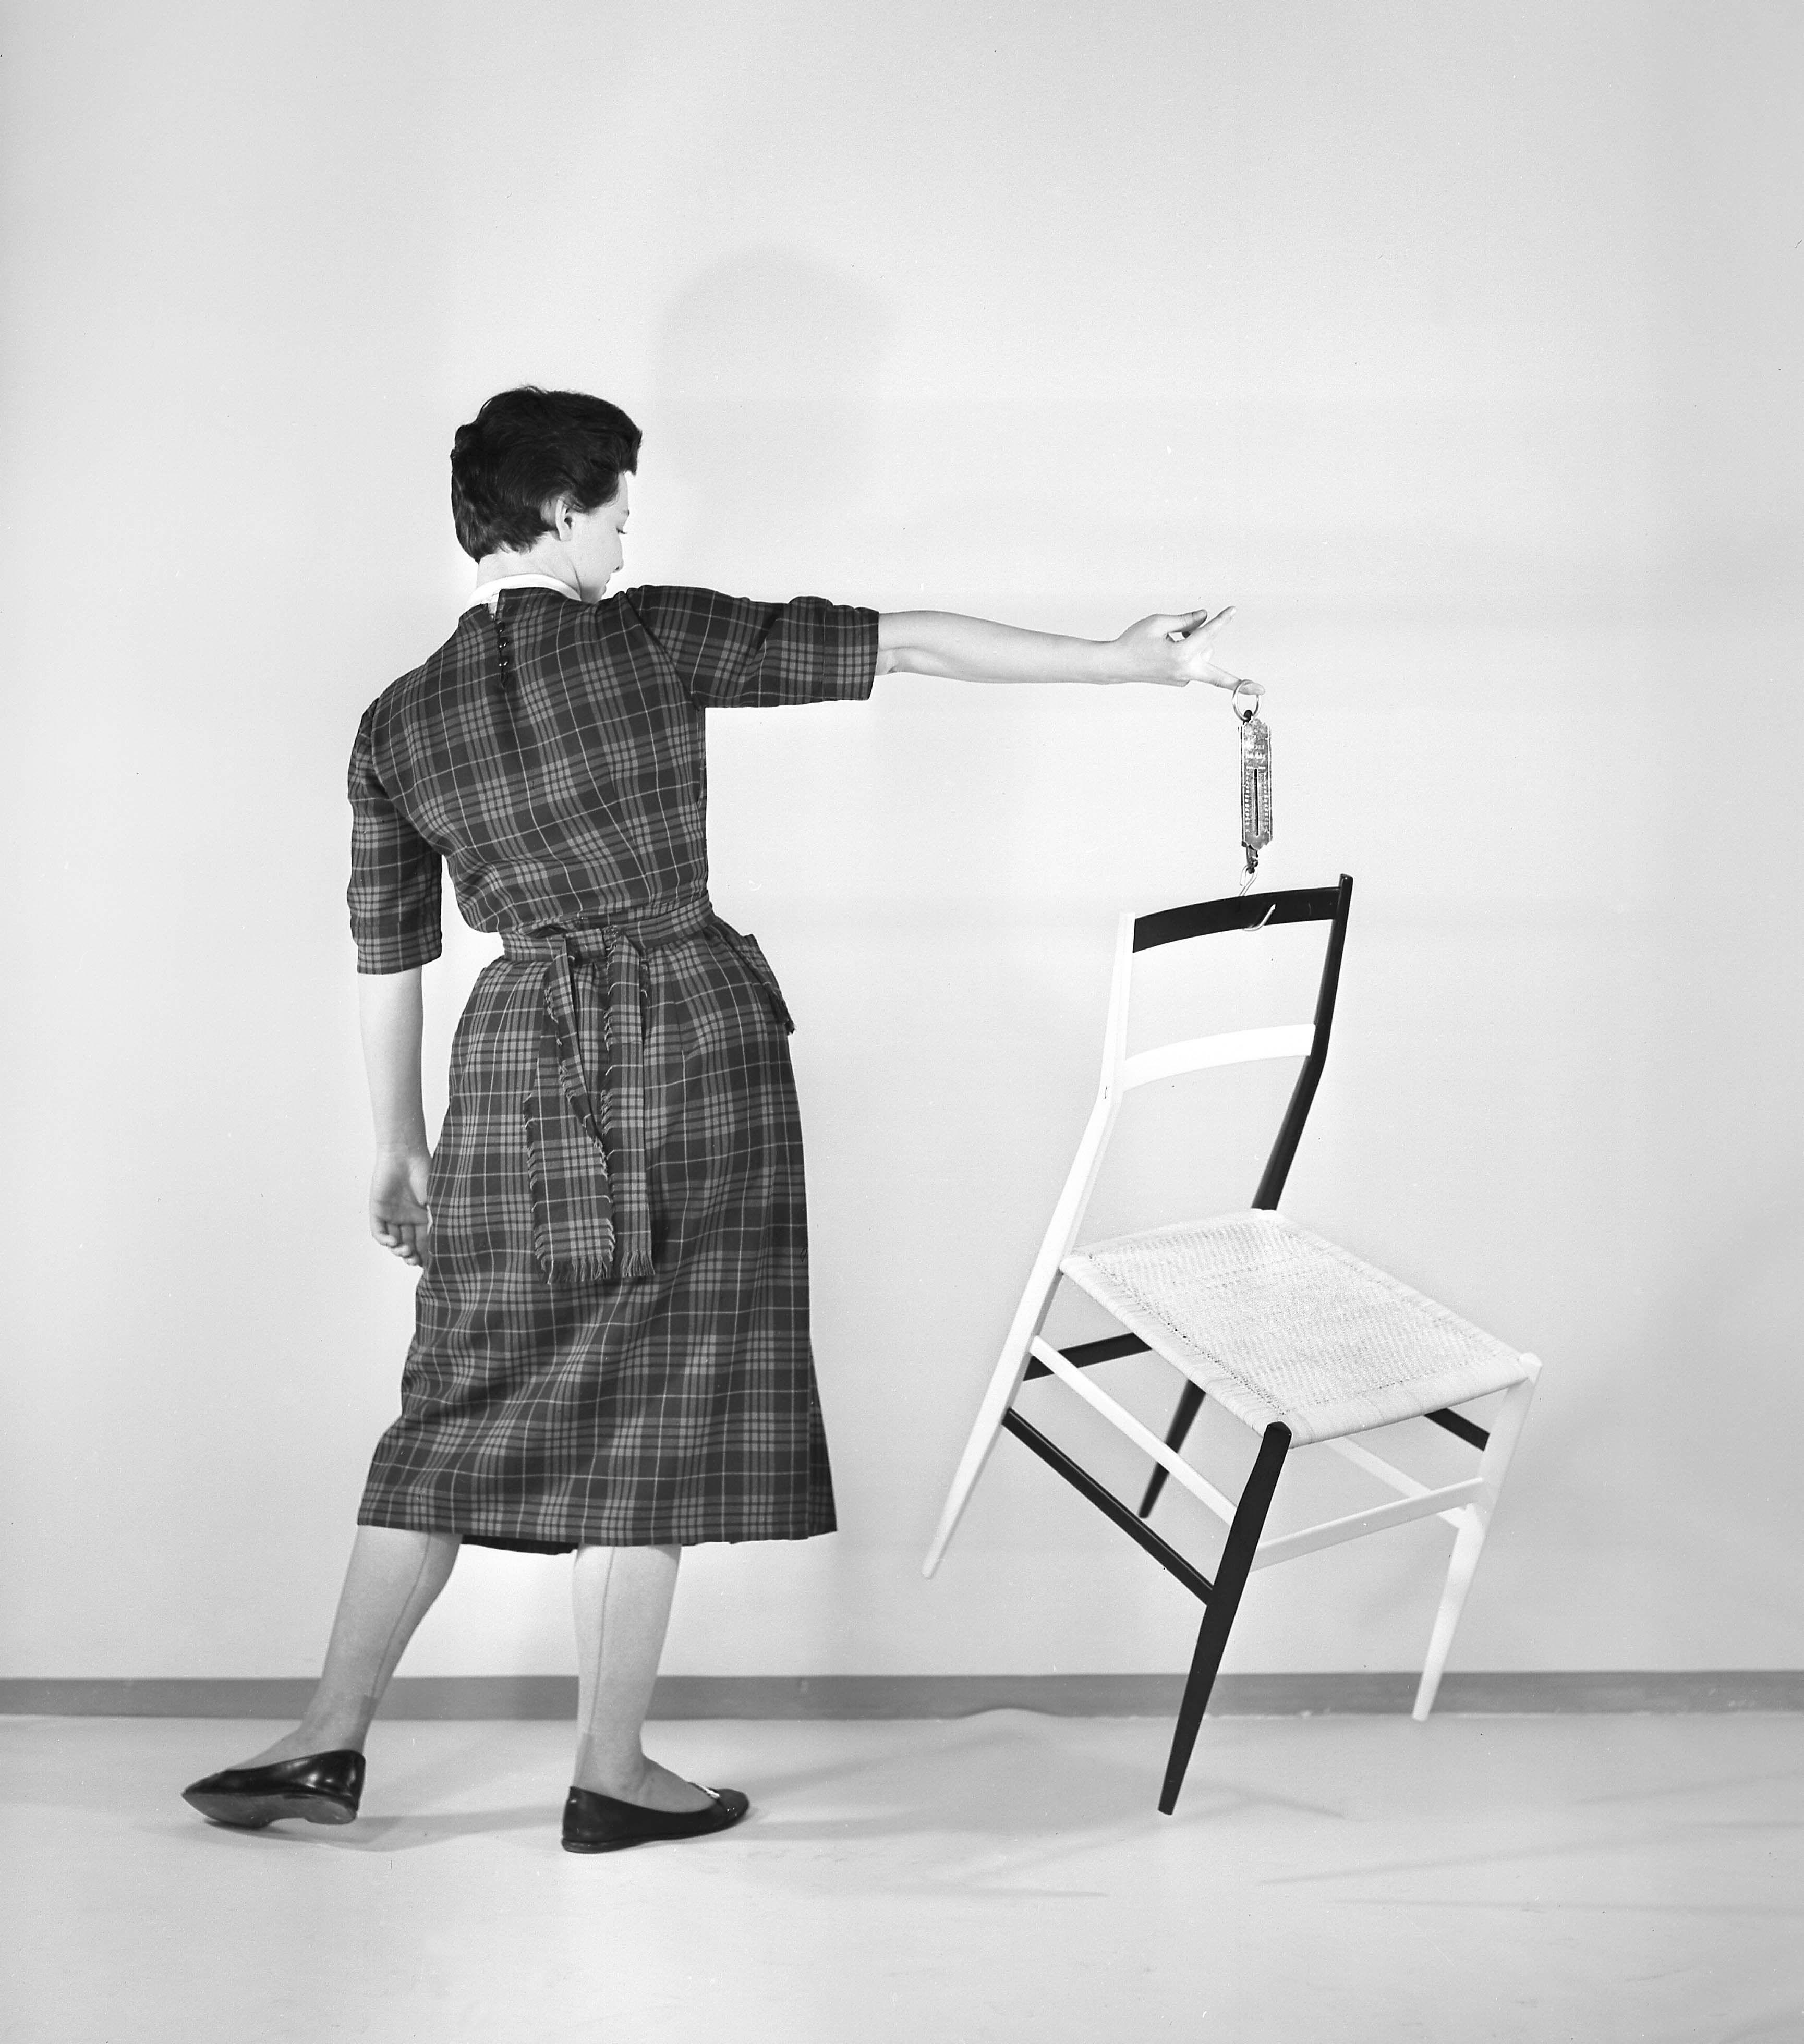 superleggera chair, designer gio ponti, 1952. manufactured